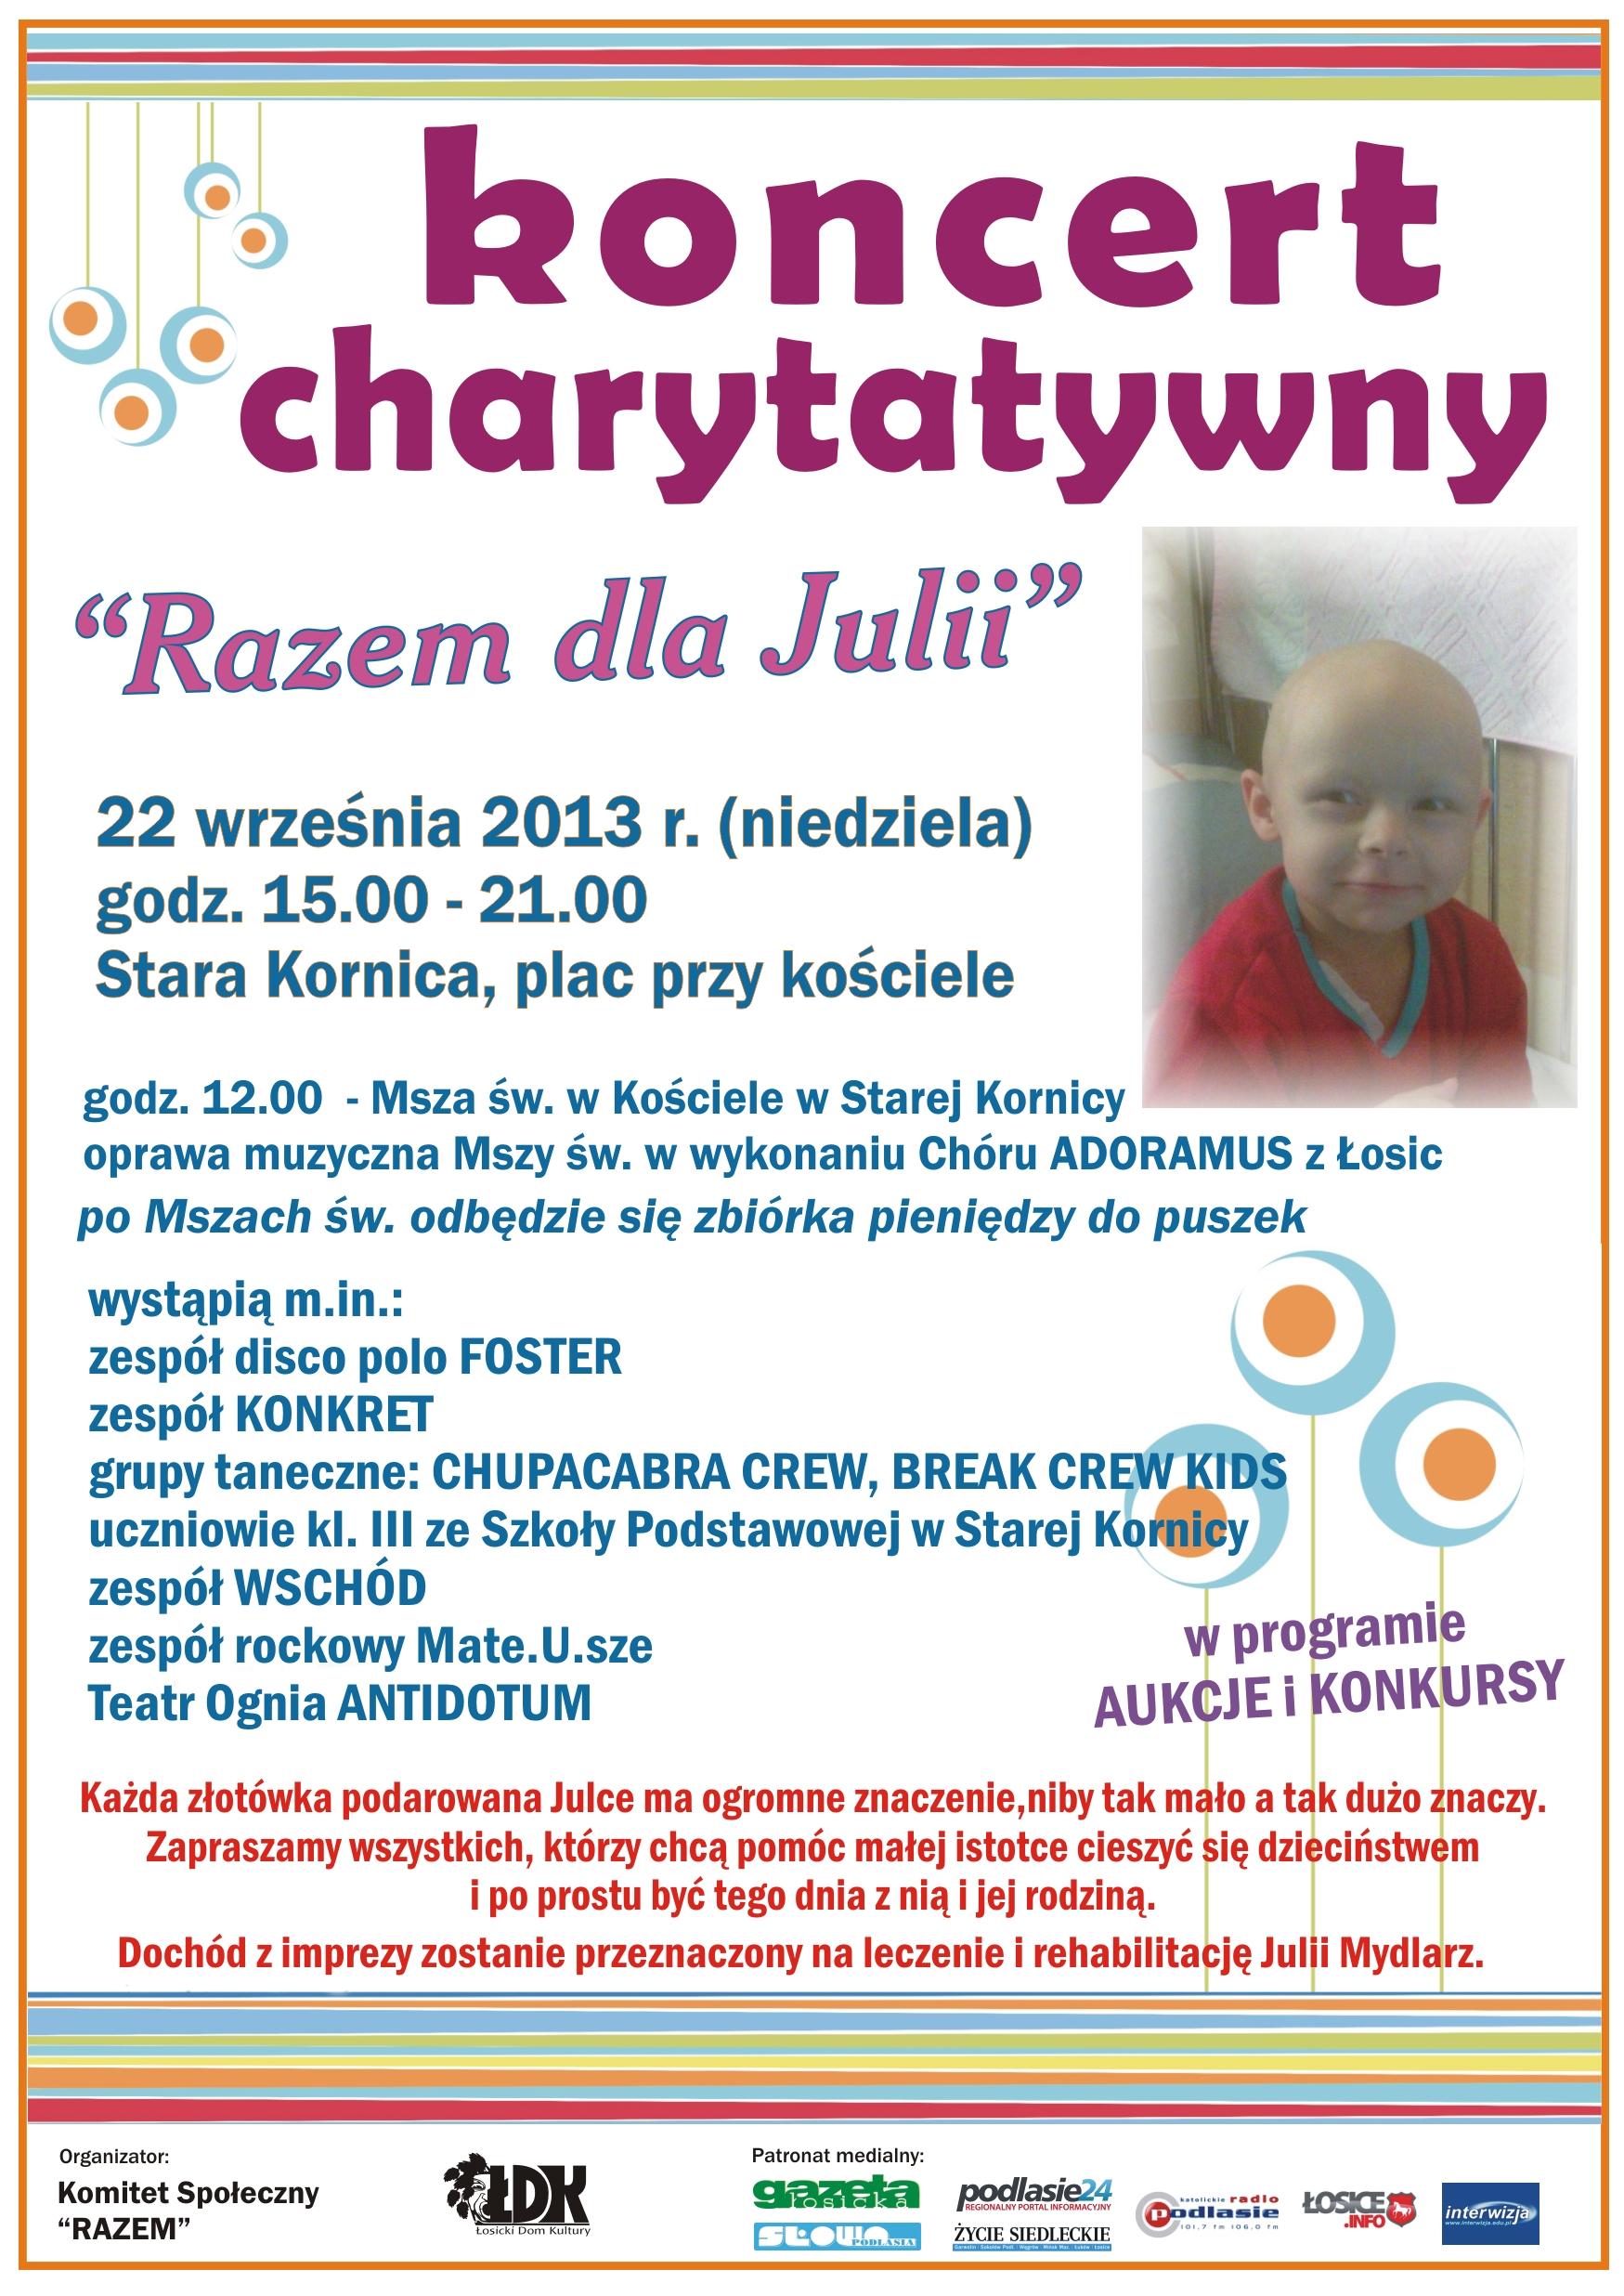 plakat_koncert_charytatywny